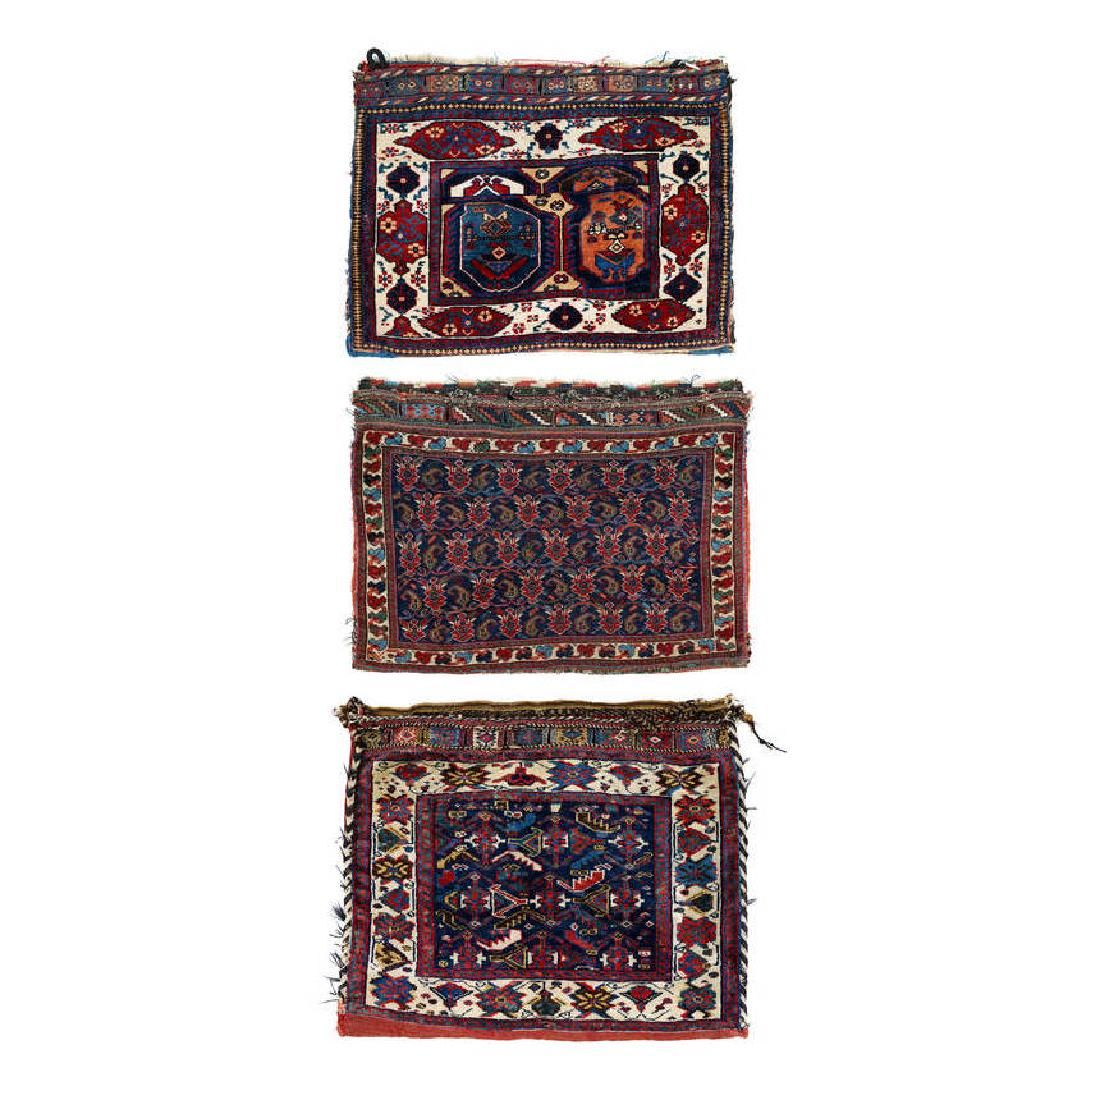 Three Afshar Bags